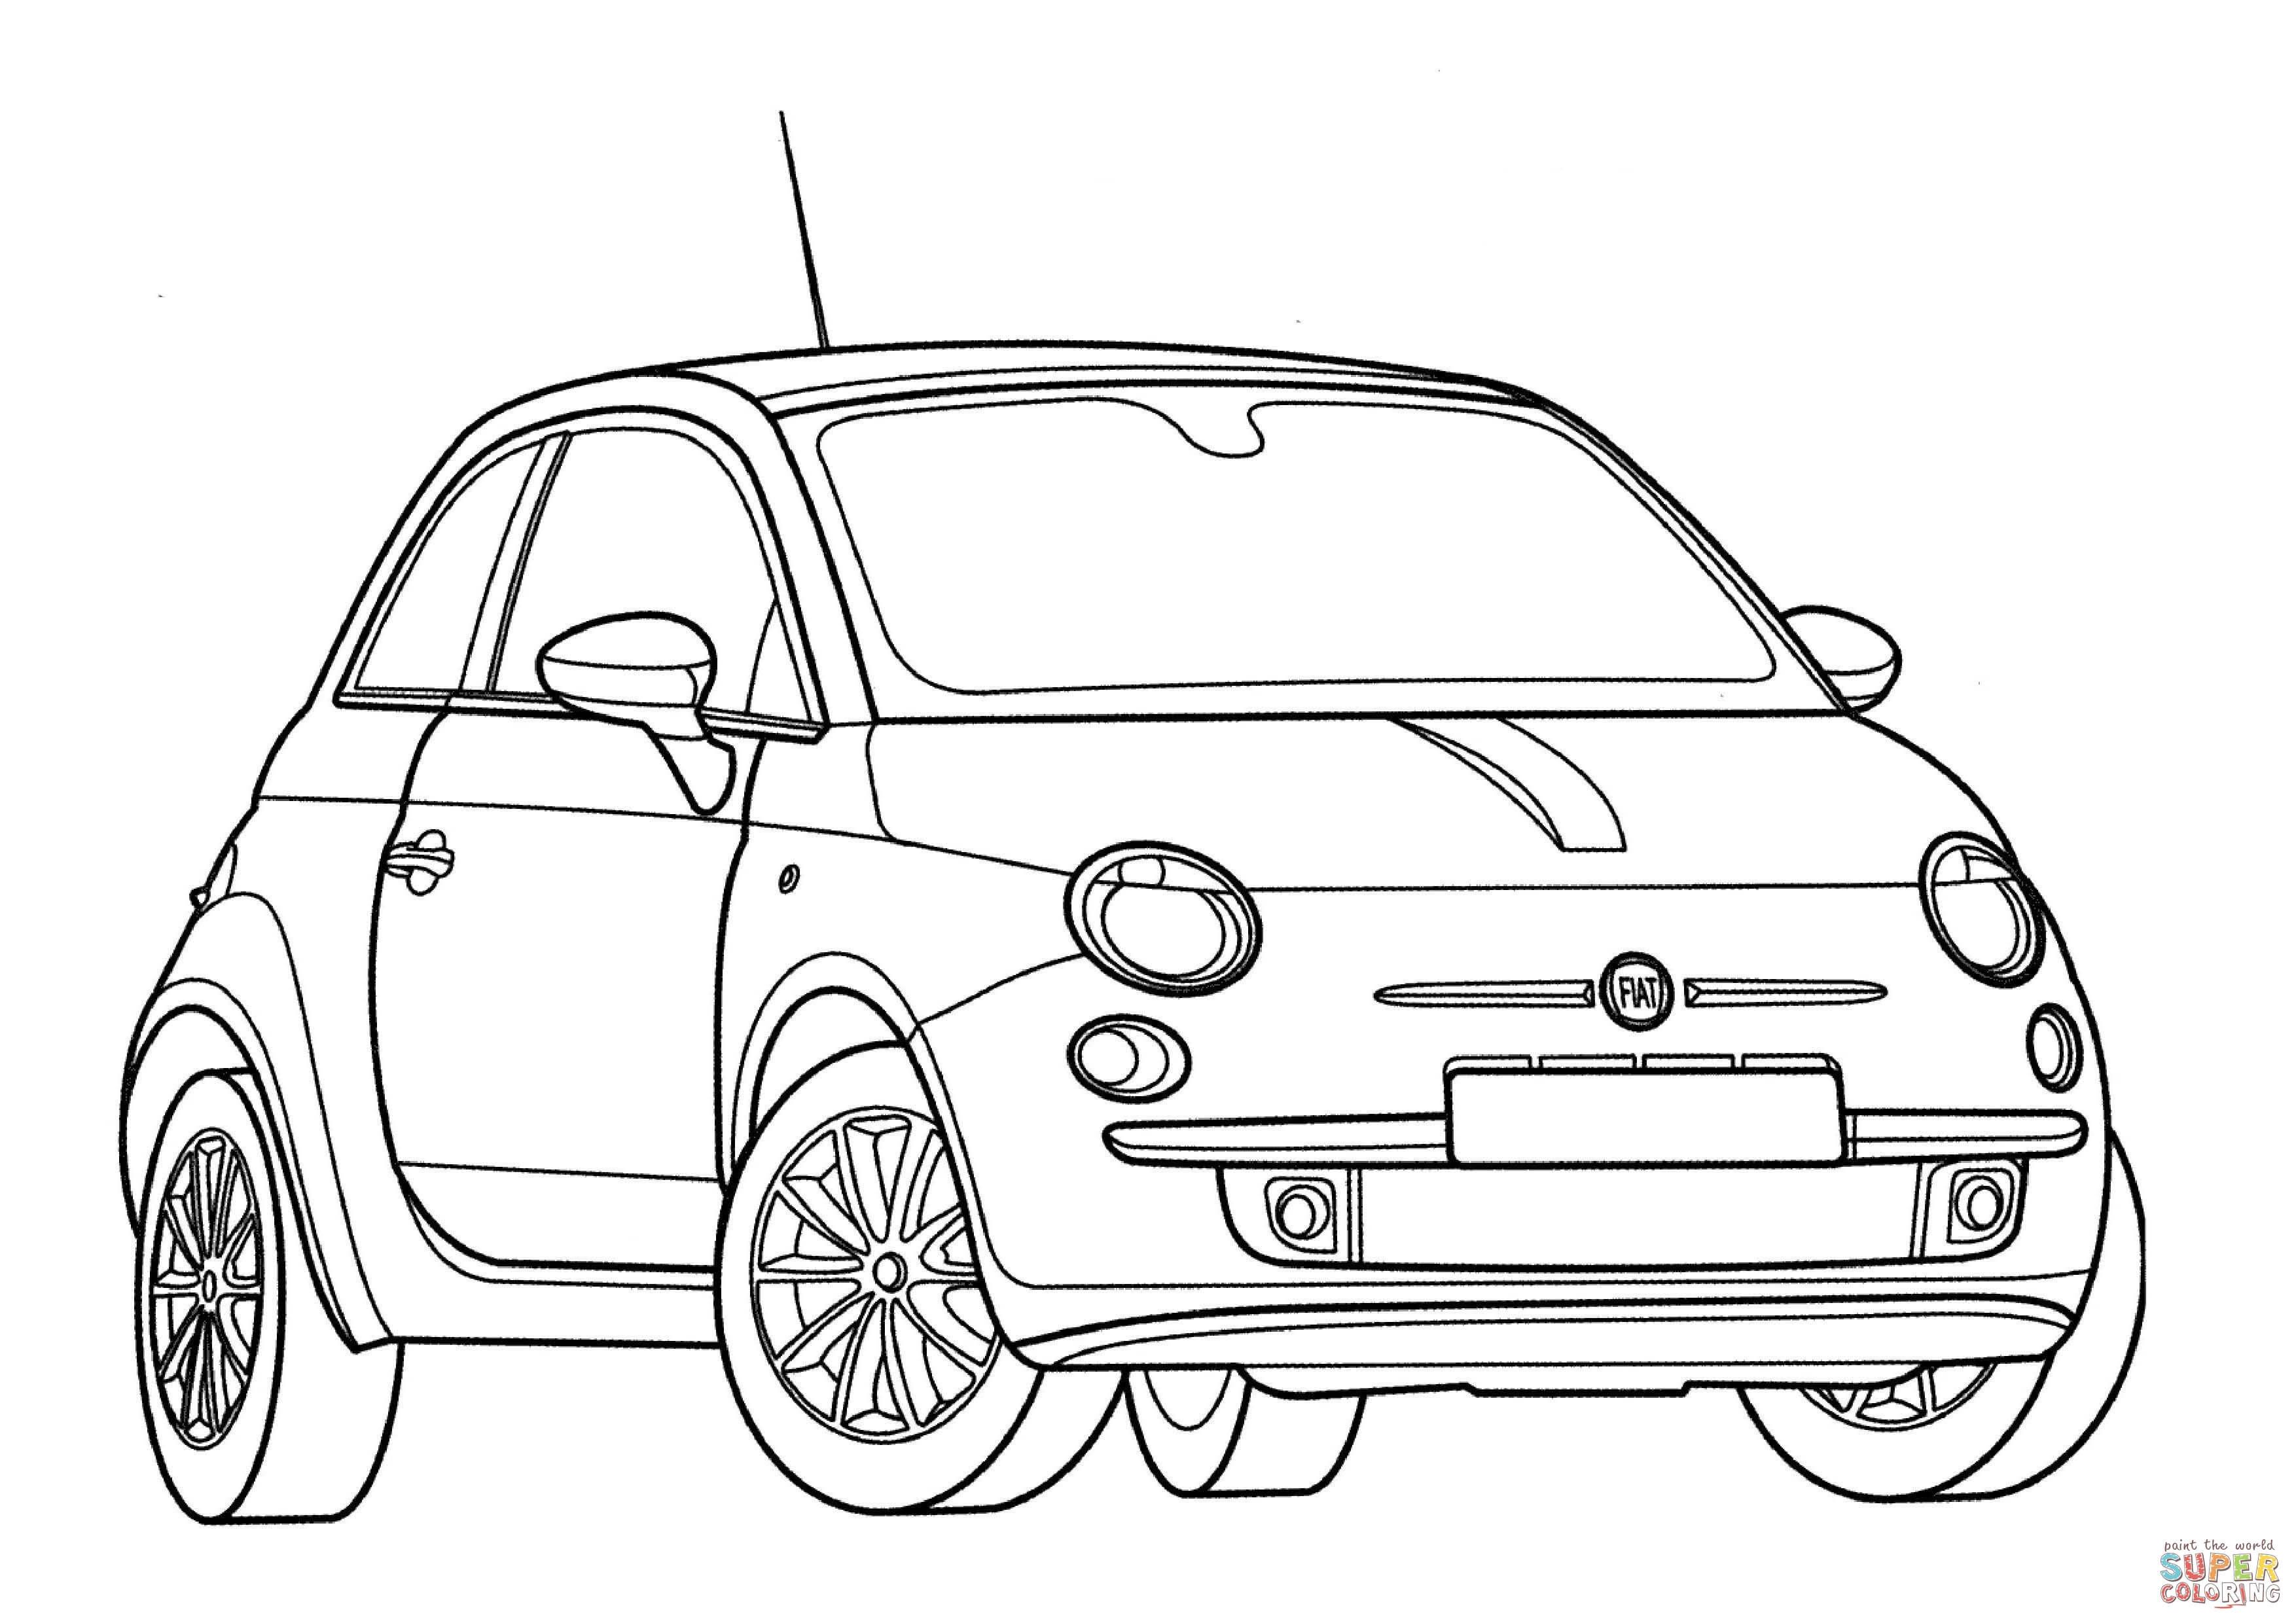 Fresco Disegni Di Automobili Da Stampare E Colorare